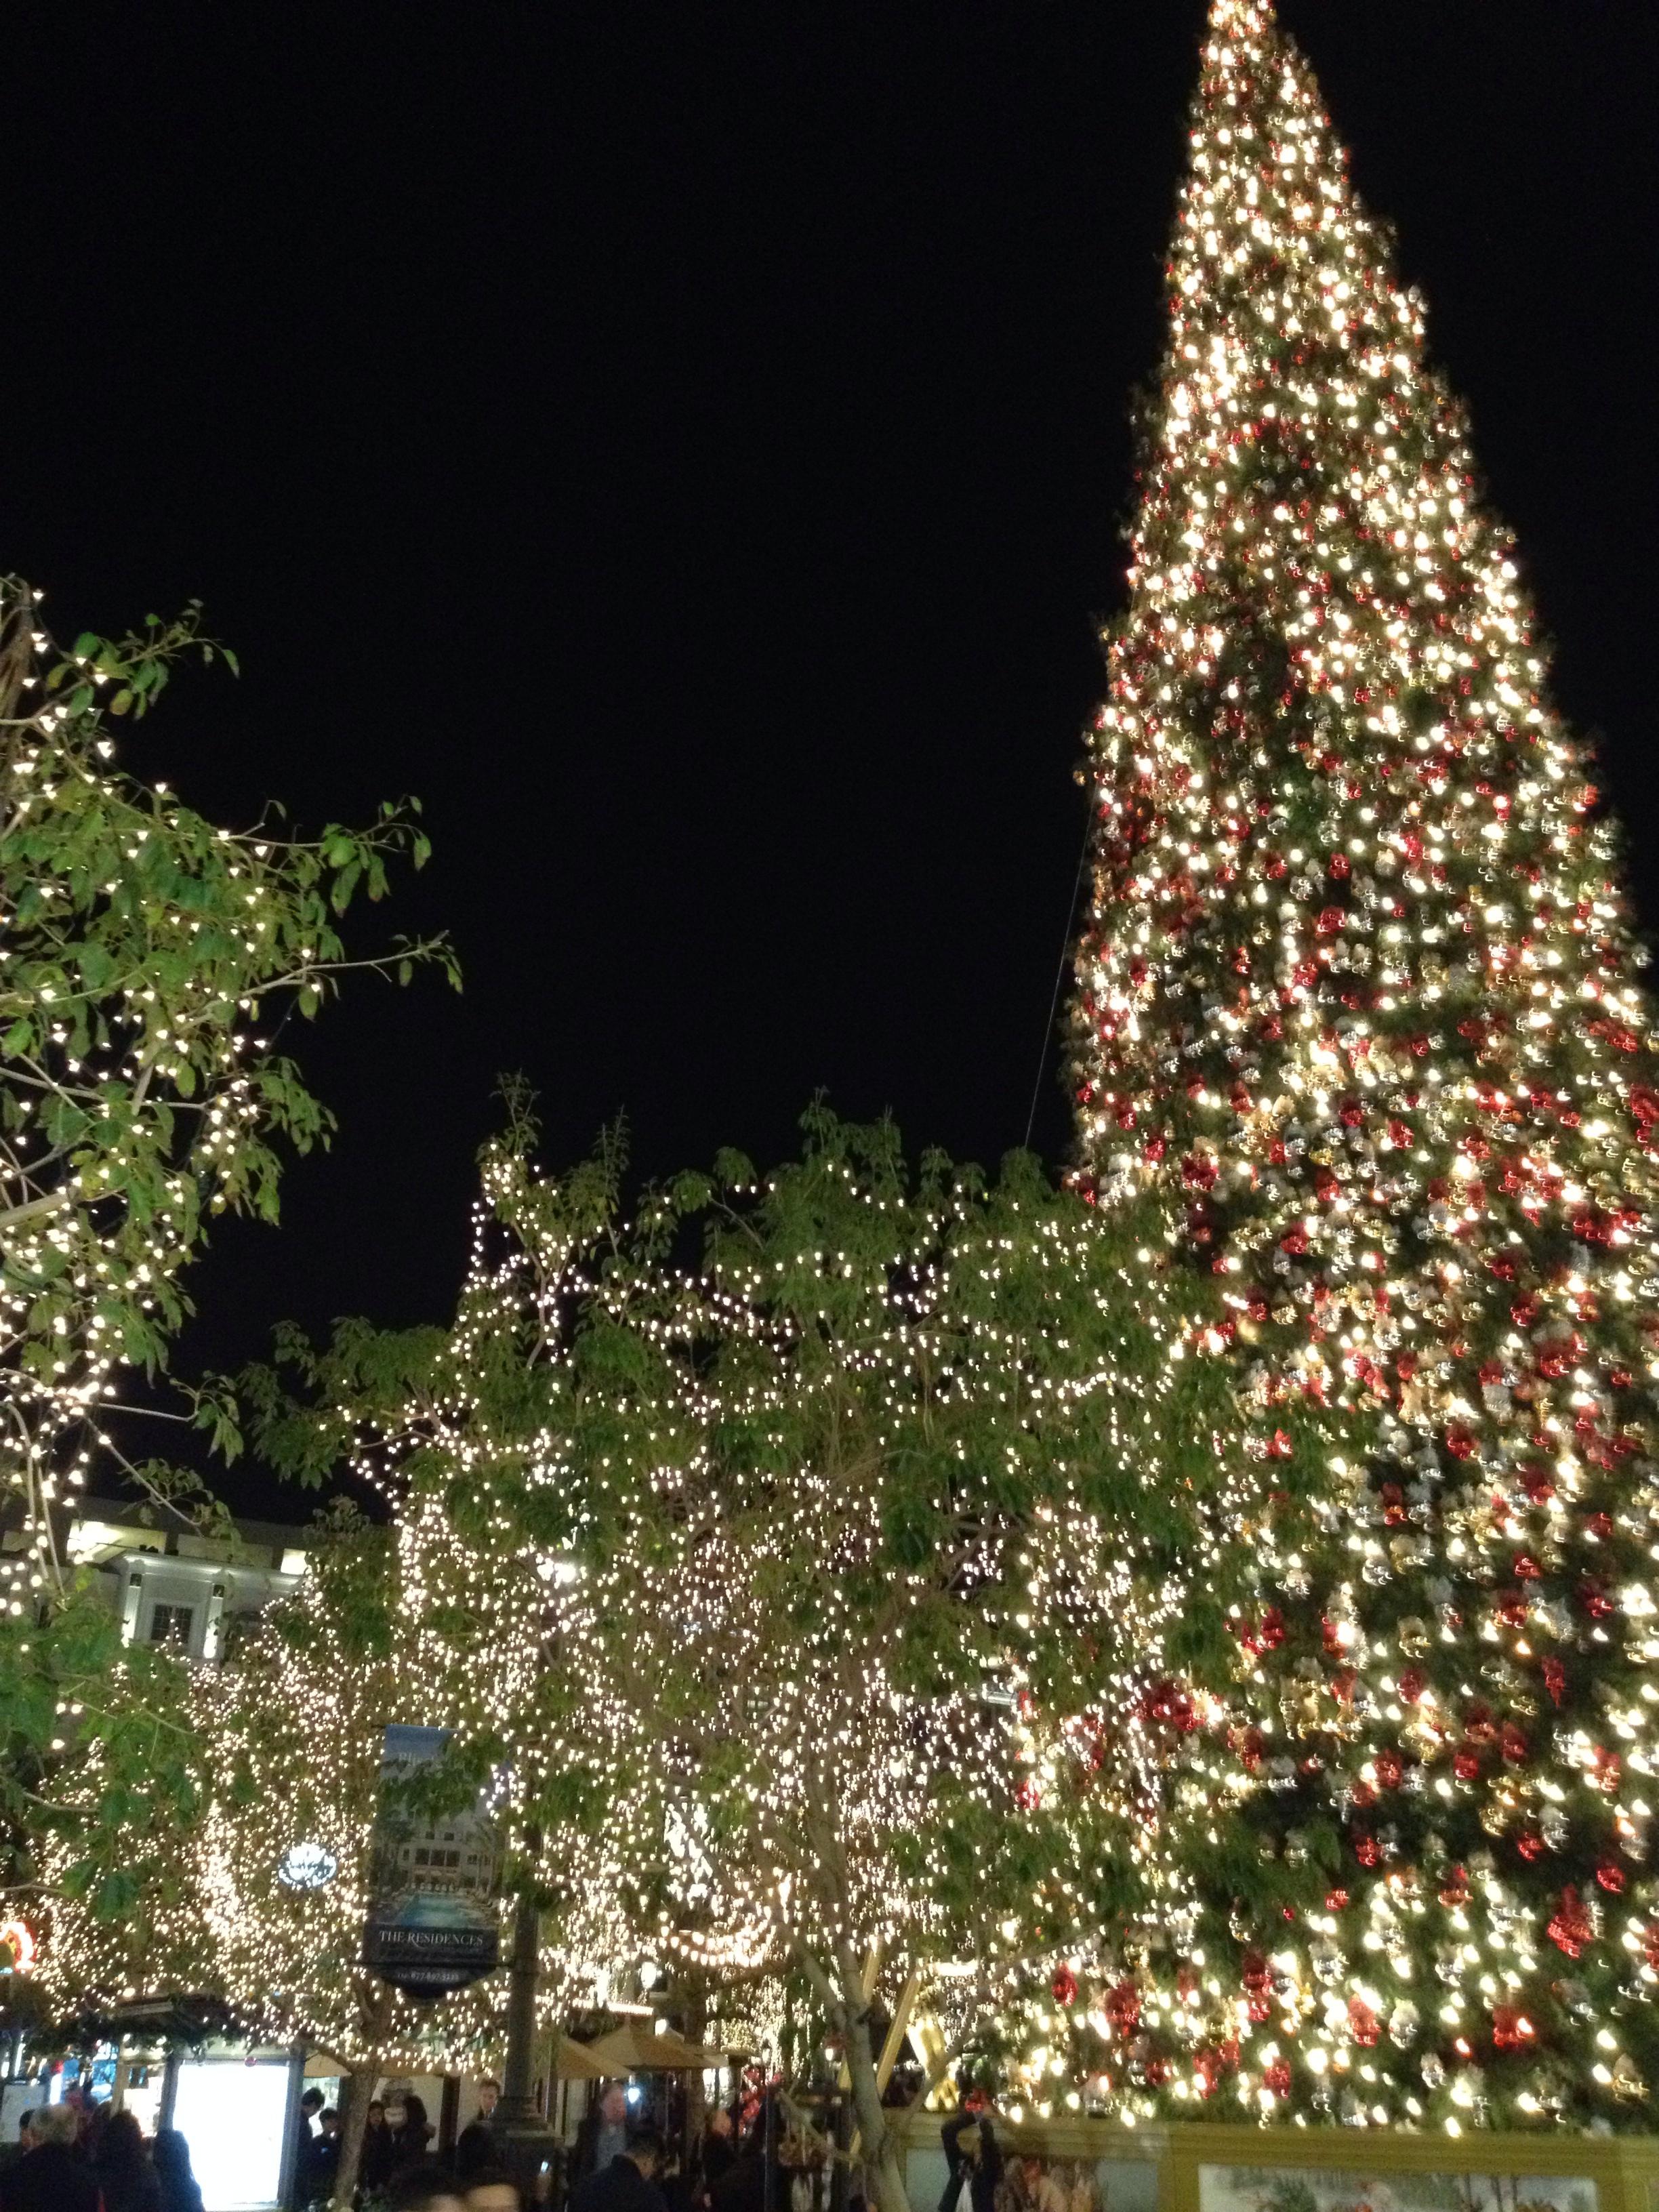 The Grove, Hollywood, CA